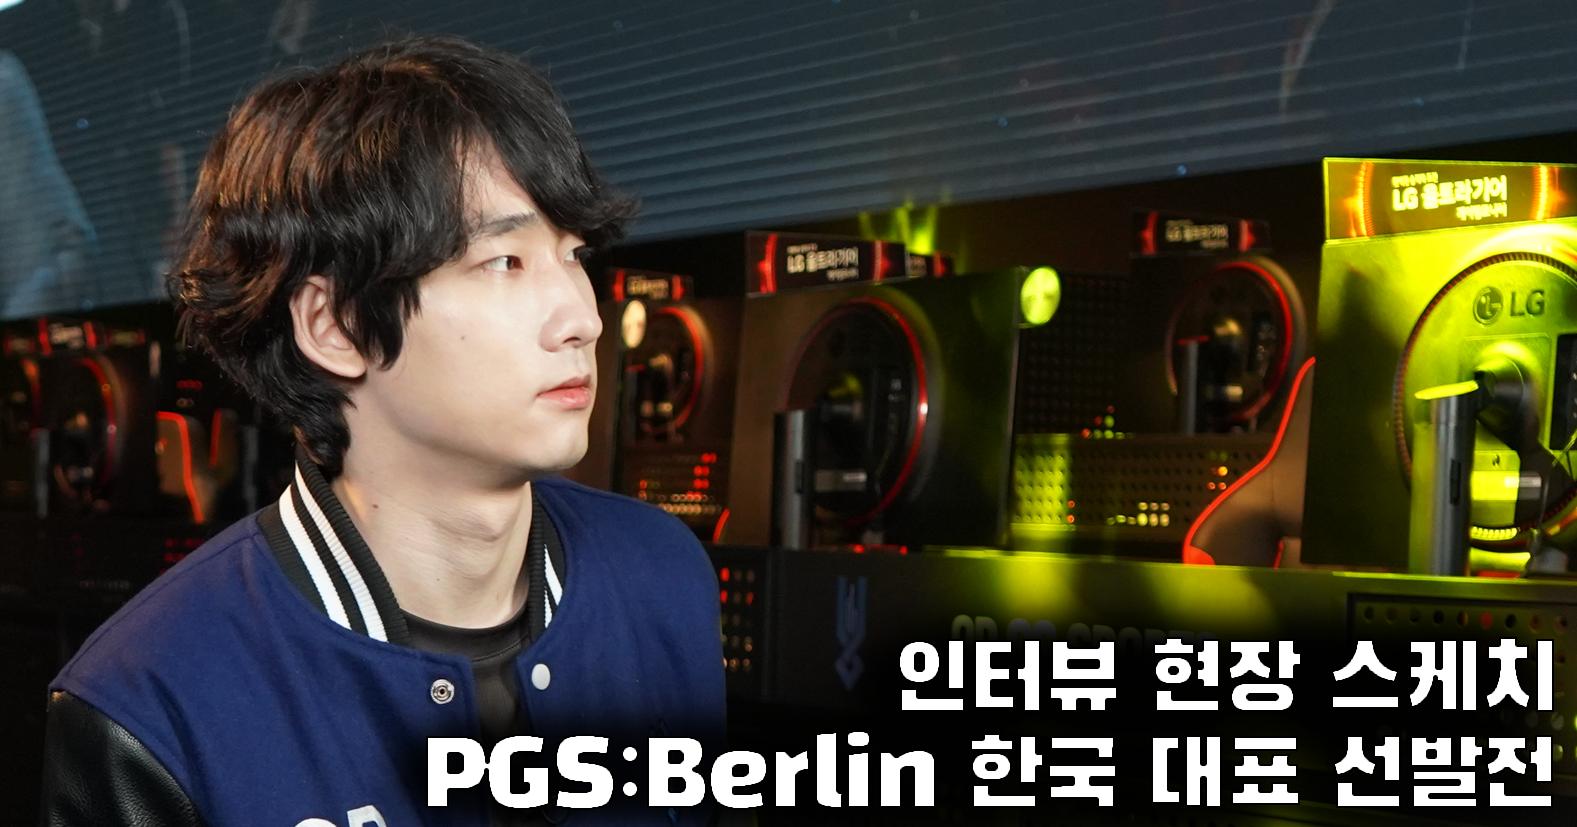 PGS:Berlin 인터뷰 촬영 현장